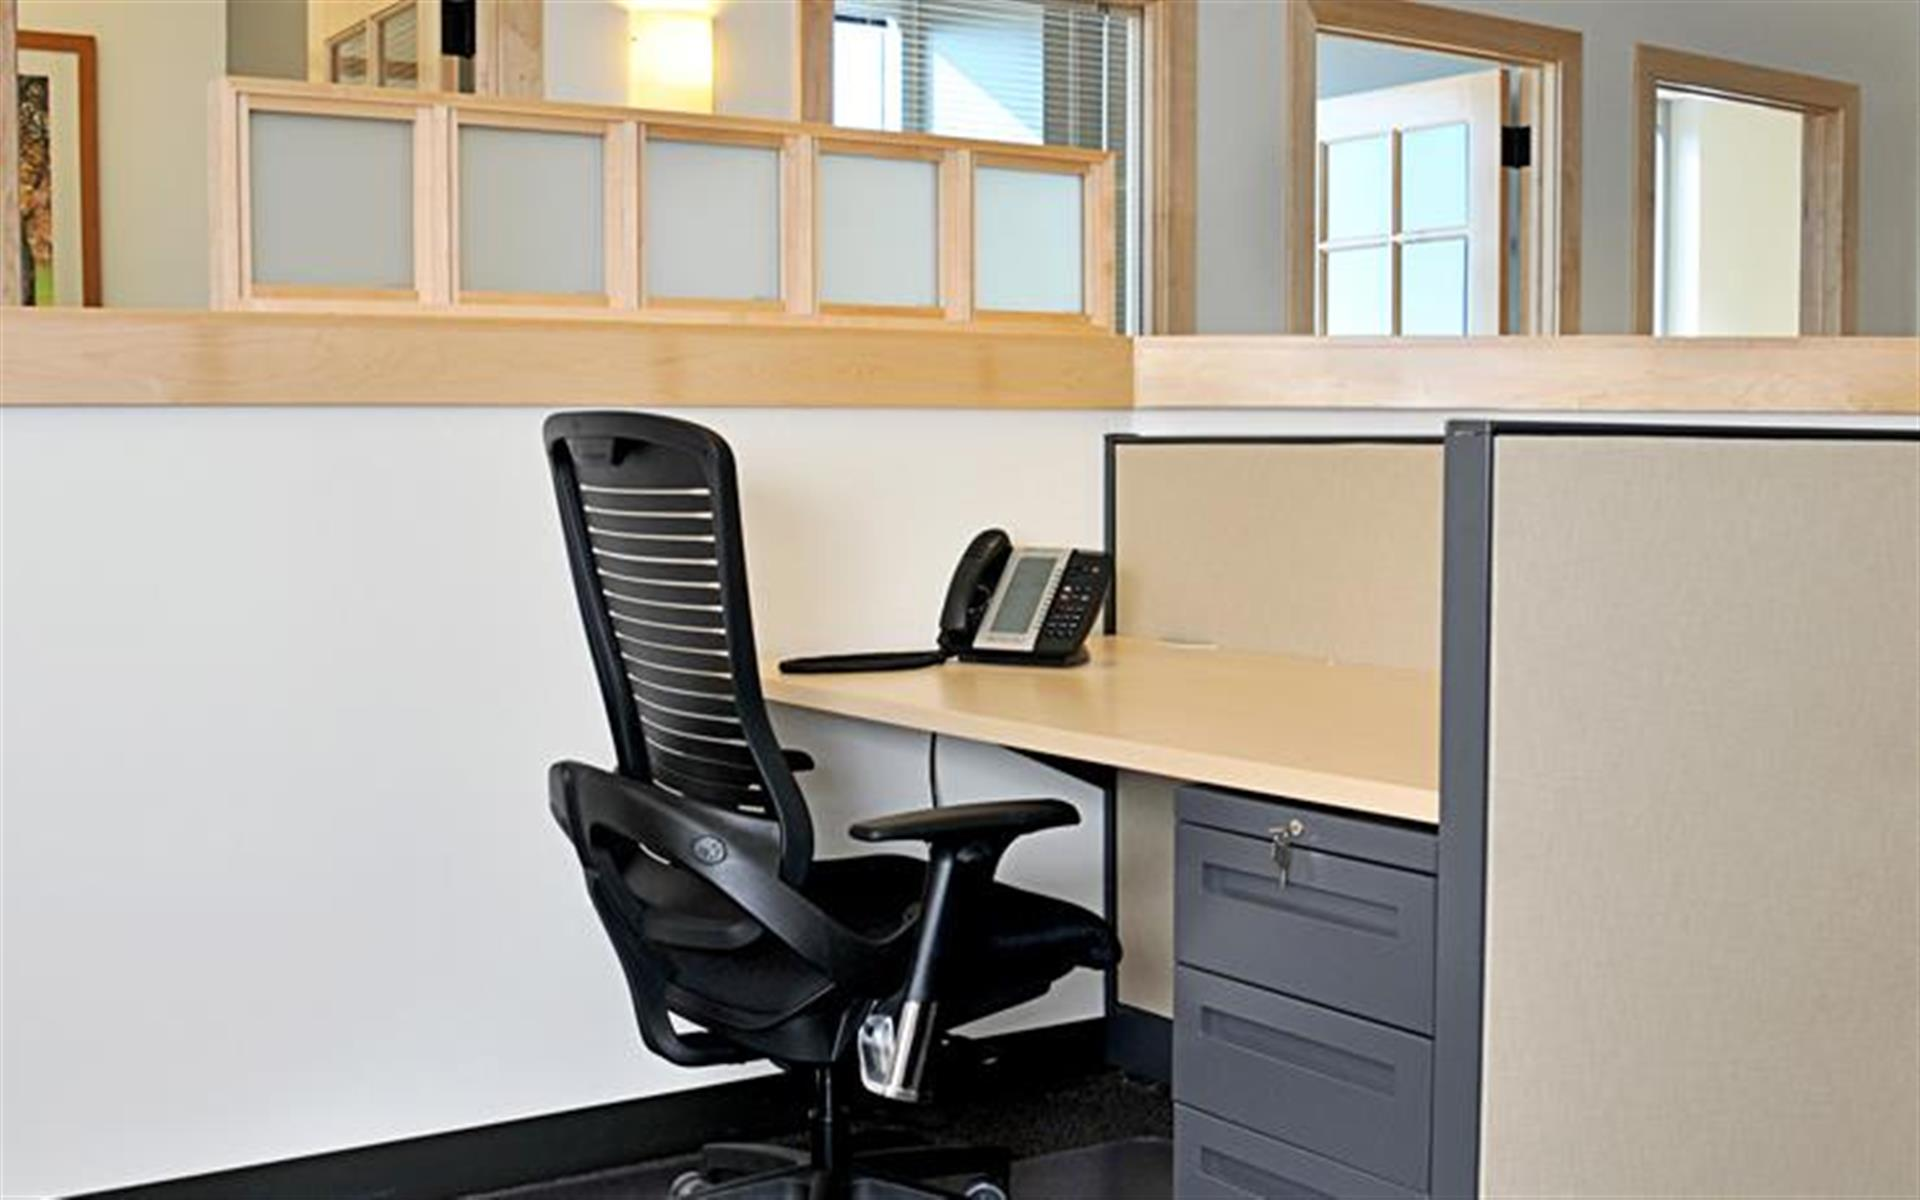 Intelligent Office, Inc - Workspace in LoDo